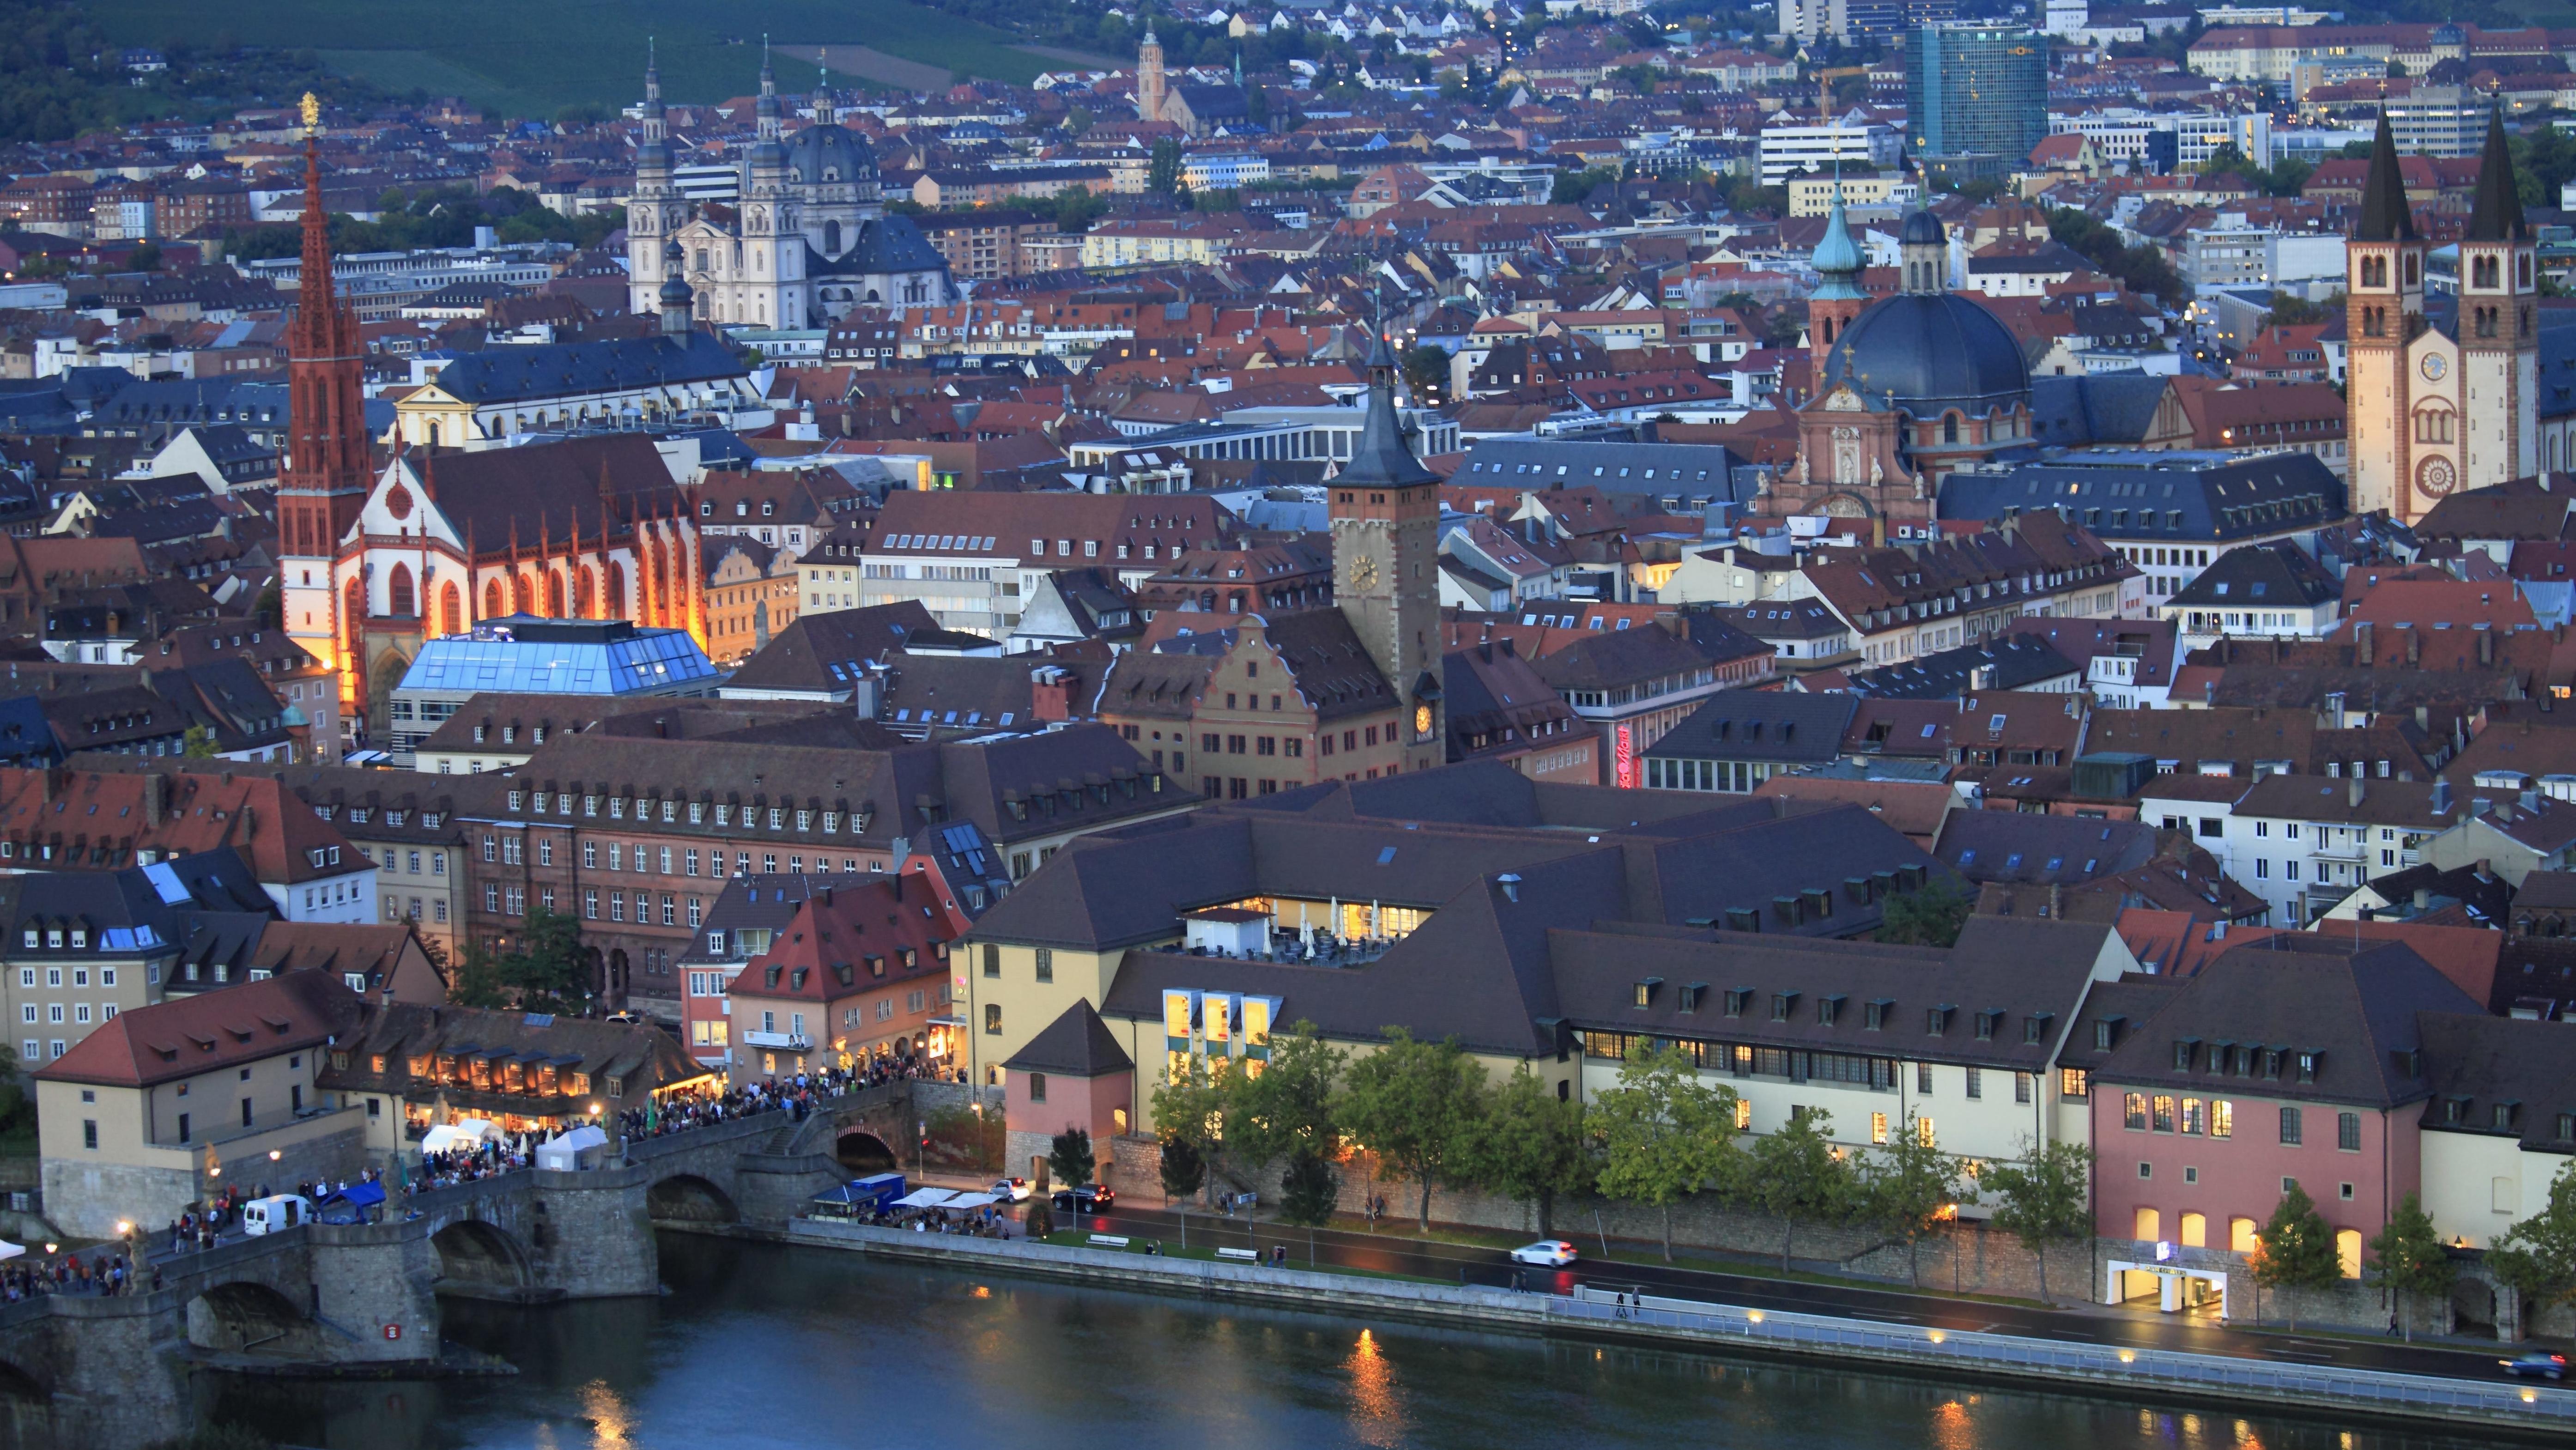 Steigende Mieten und knapper Wohnraum - auch in Würzburg ist der Wohnungsmarkt mittlerweile angespannt.